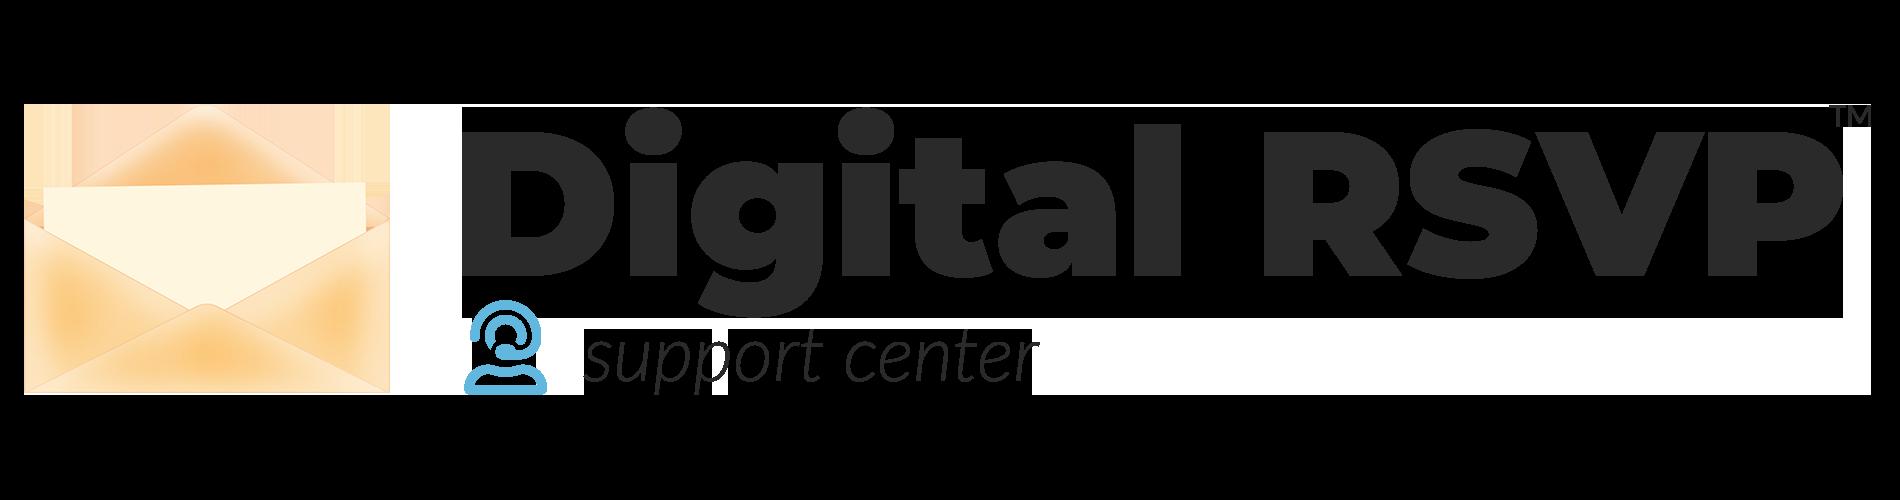 Digital RSVP